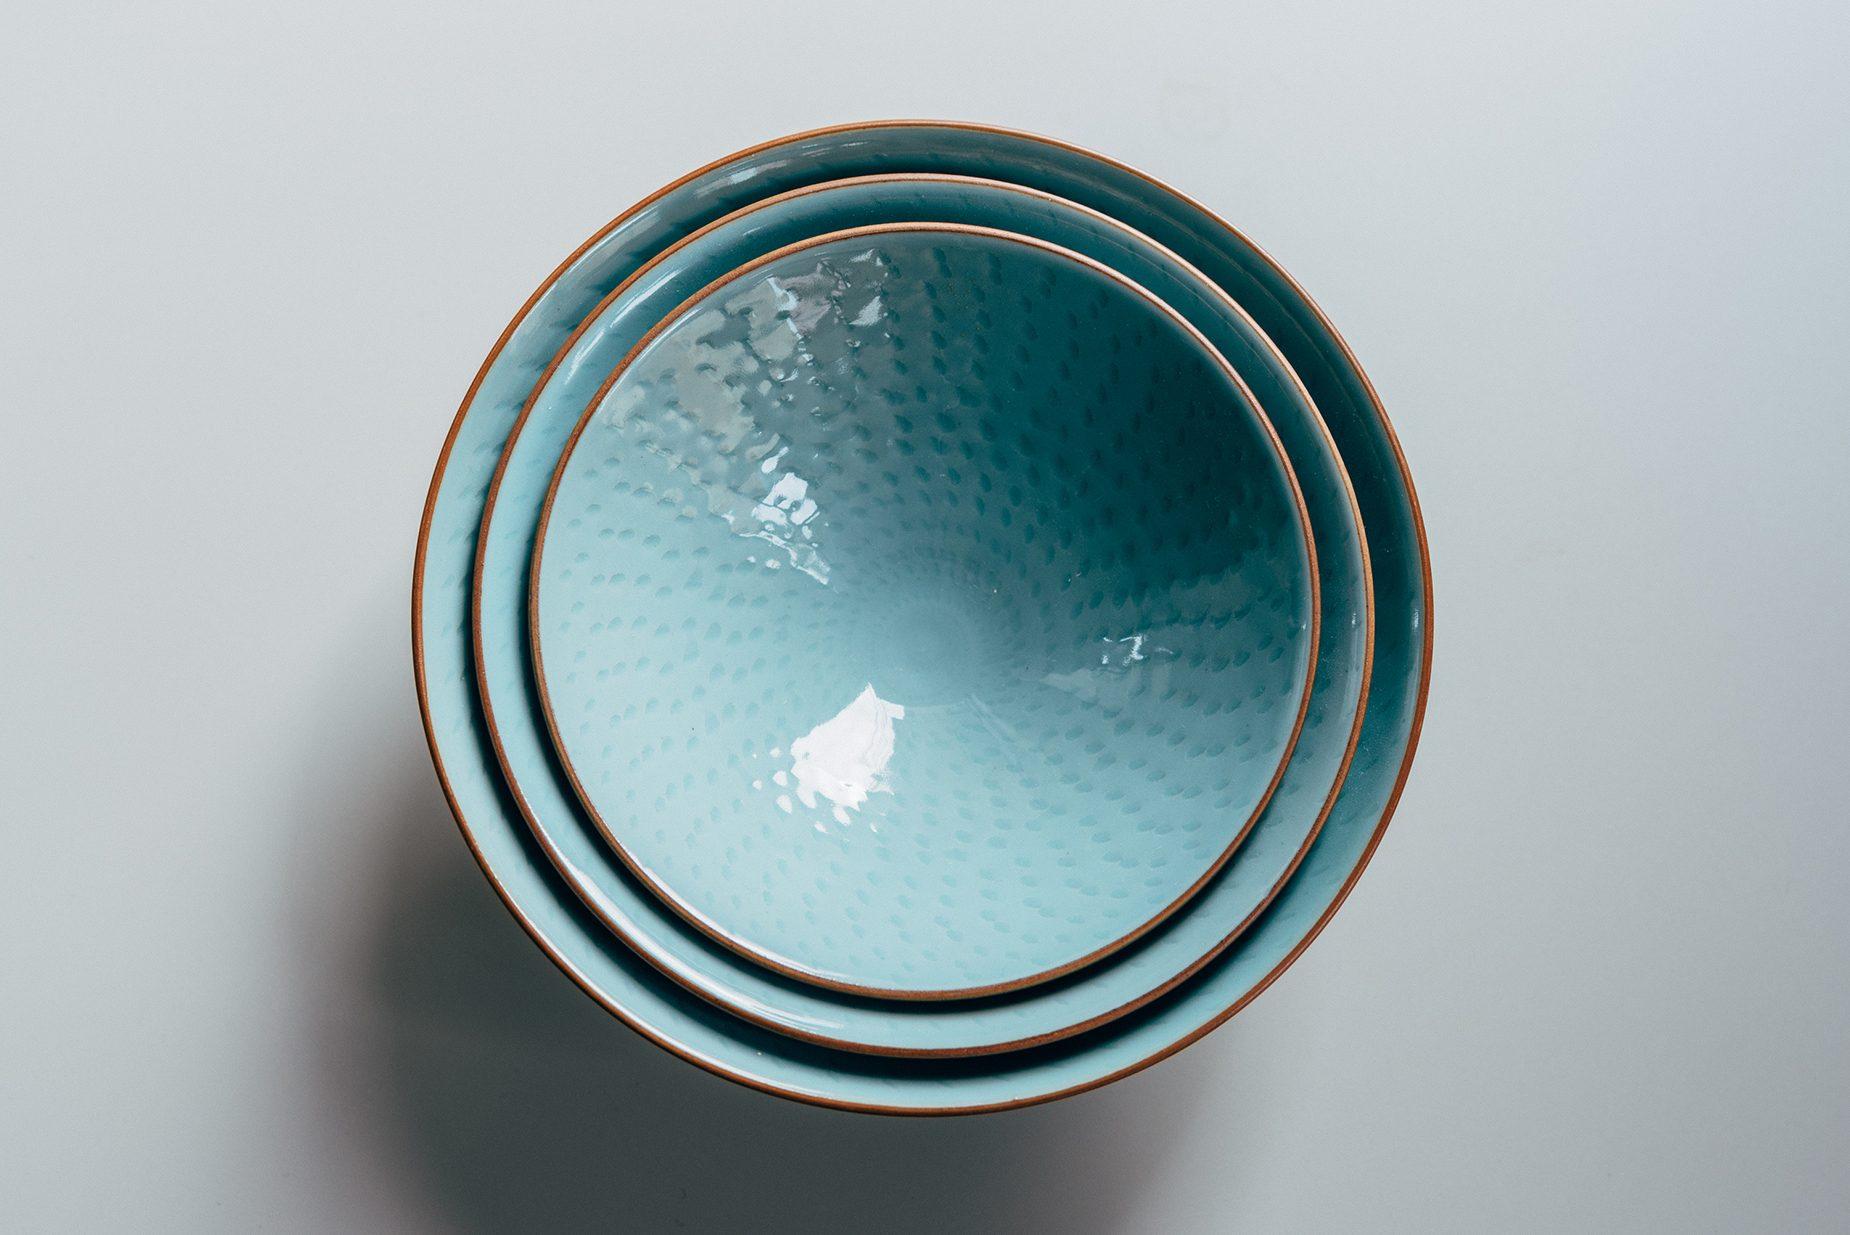 飛鉋の模様により、青磁の青色の中に新たな景色が生まれる。